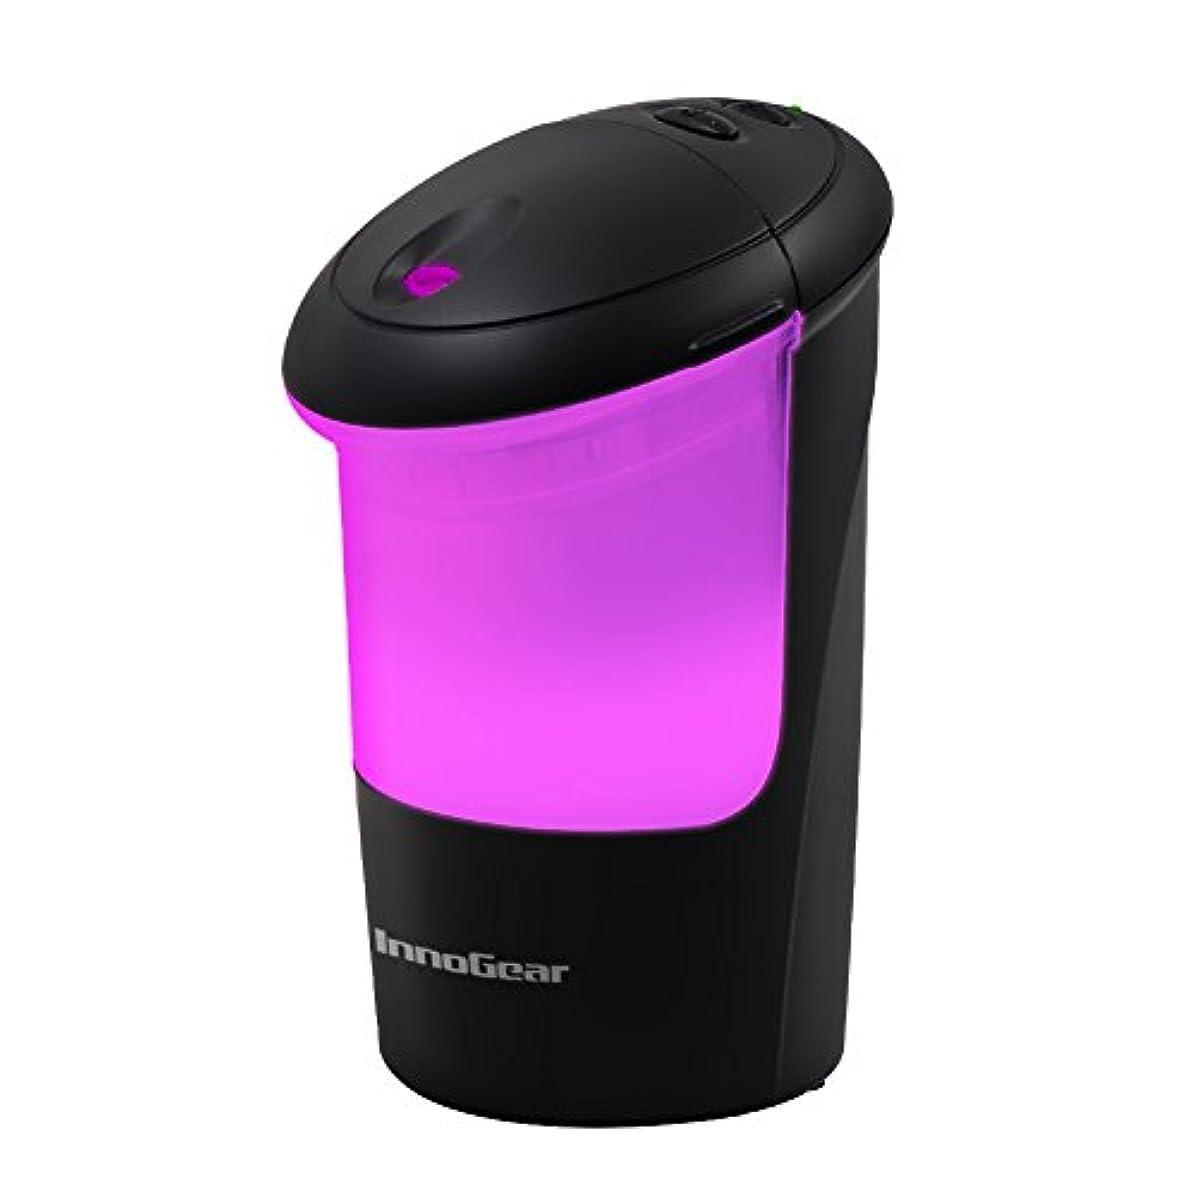 銅写真を描く計算するInnoGear USB車Essential Oil Diffuser Air Refresher超音波アロマテラピーDiffusers with 7カラフルなLEDライトオフィス旅行ホーム車の ブラック UD50